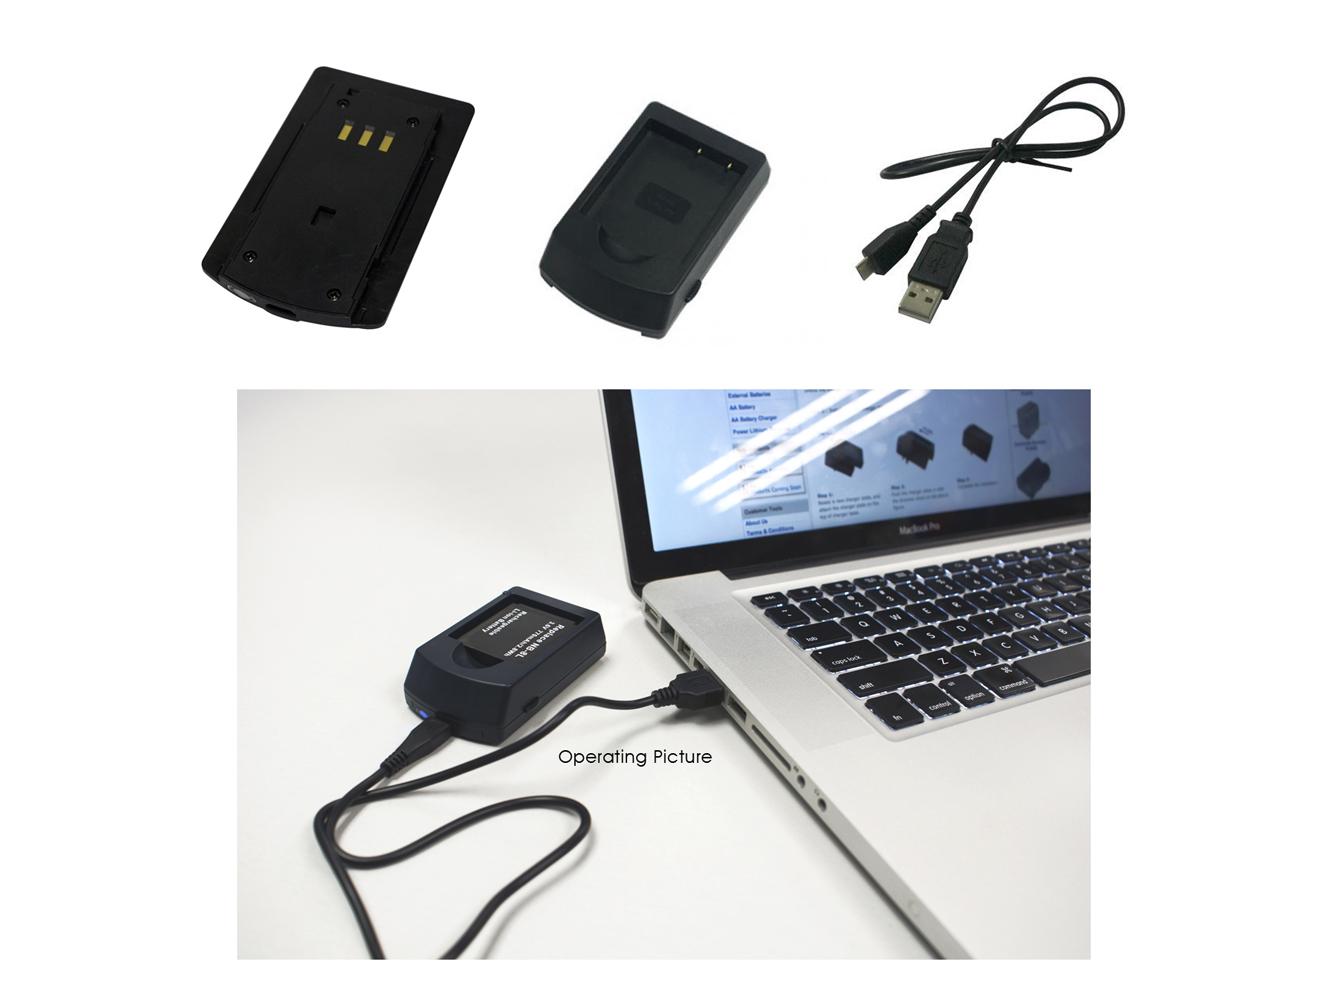 Fotocamera Cavo Cavo dati USB per Casio Exilim ex-fc300